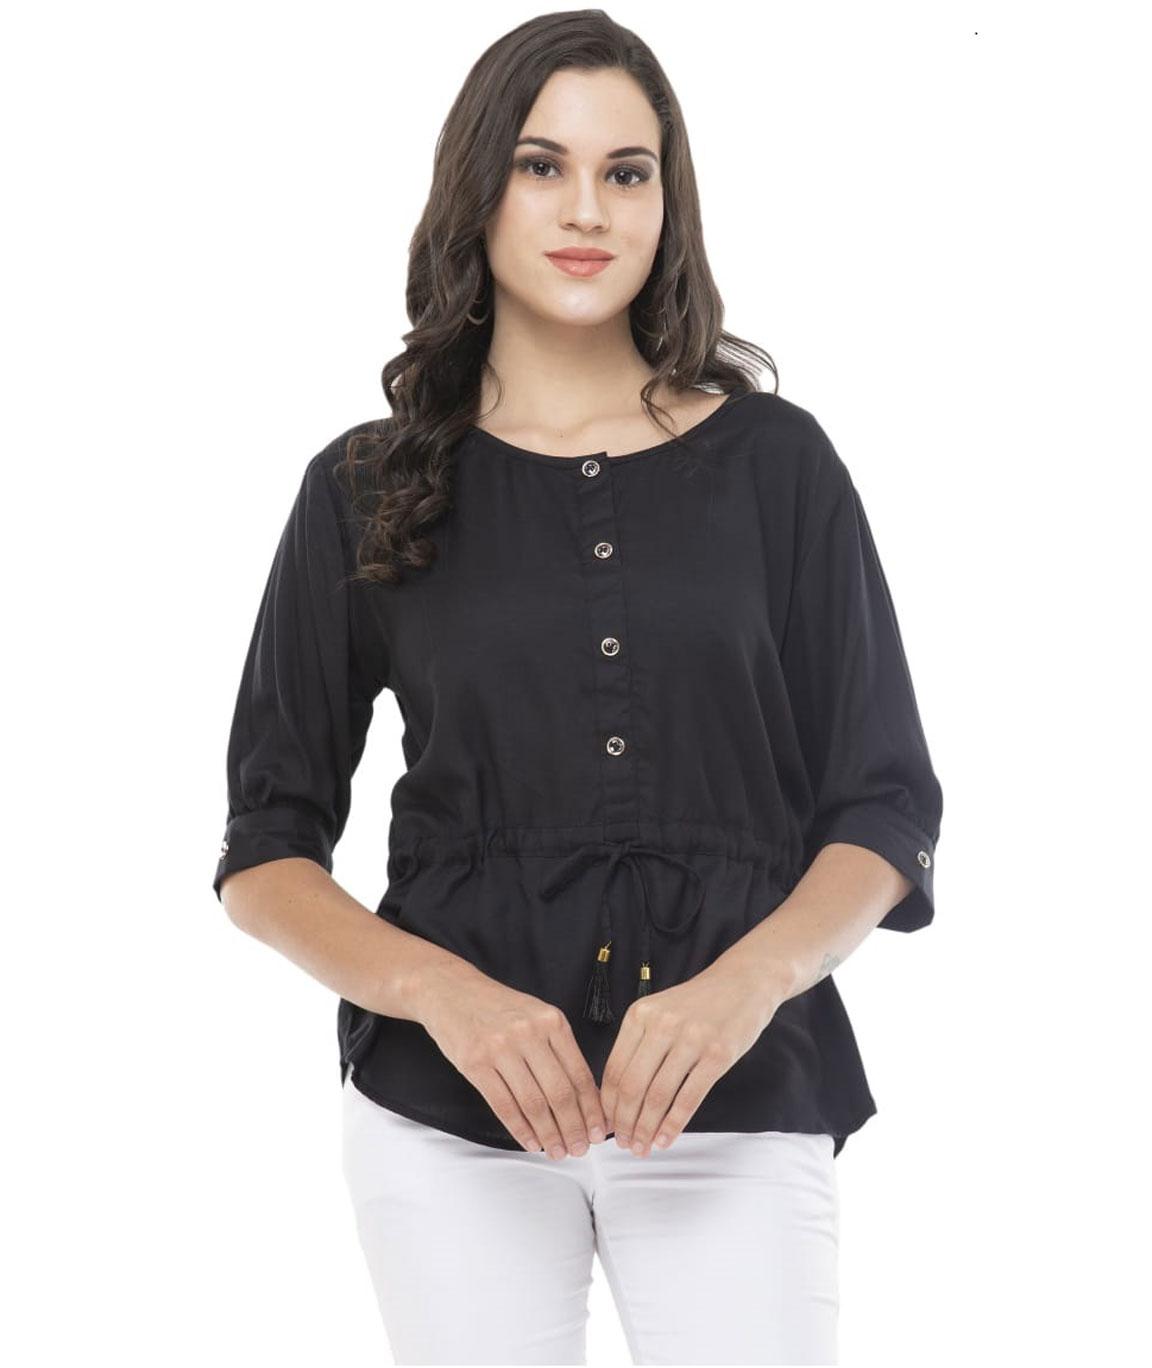 Sanskriti Heavy Premium Quality Rayon  Slub Womens Top